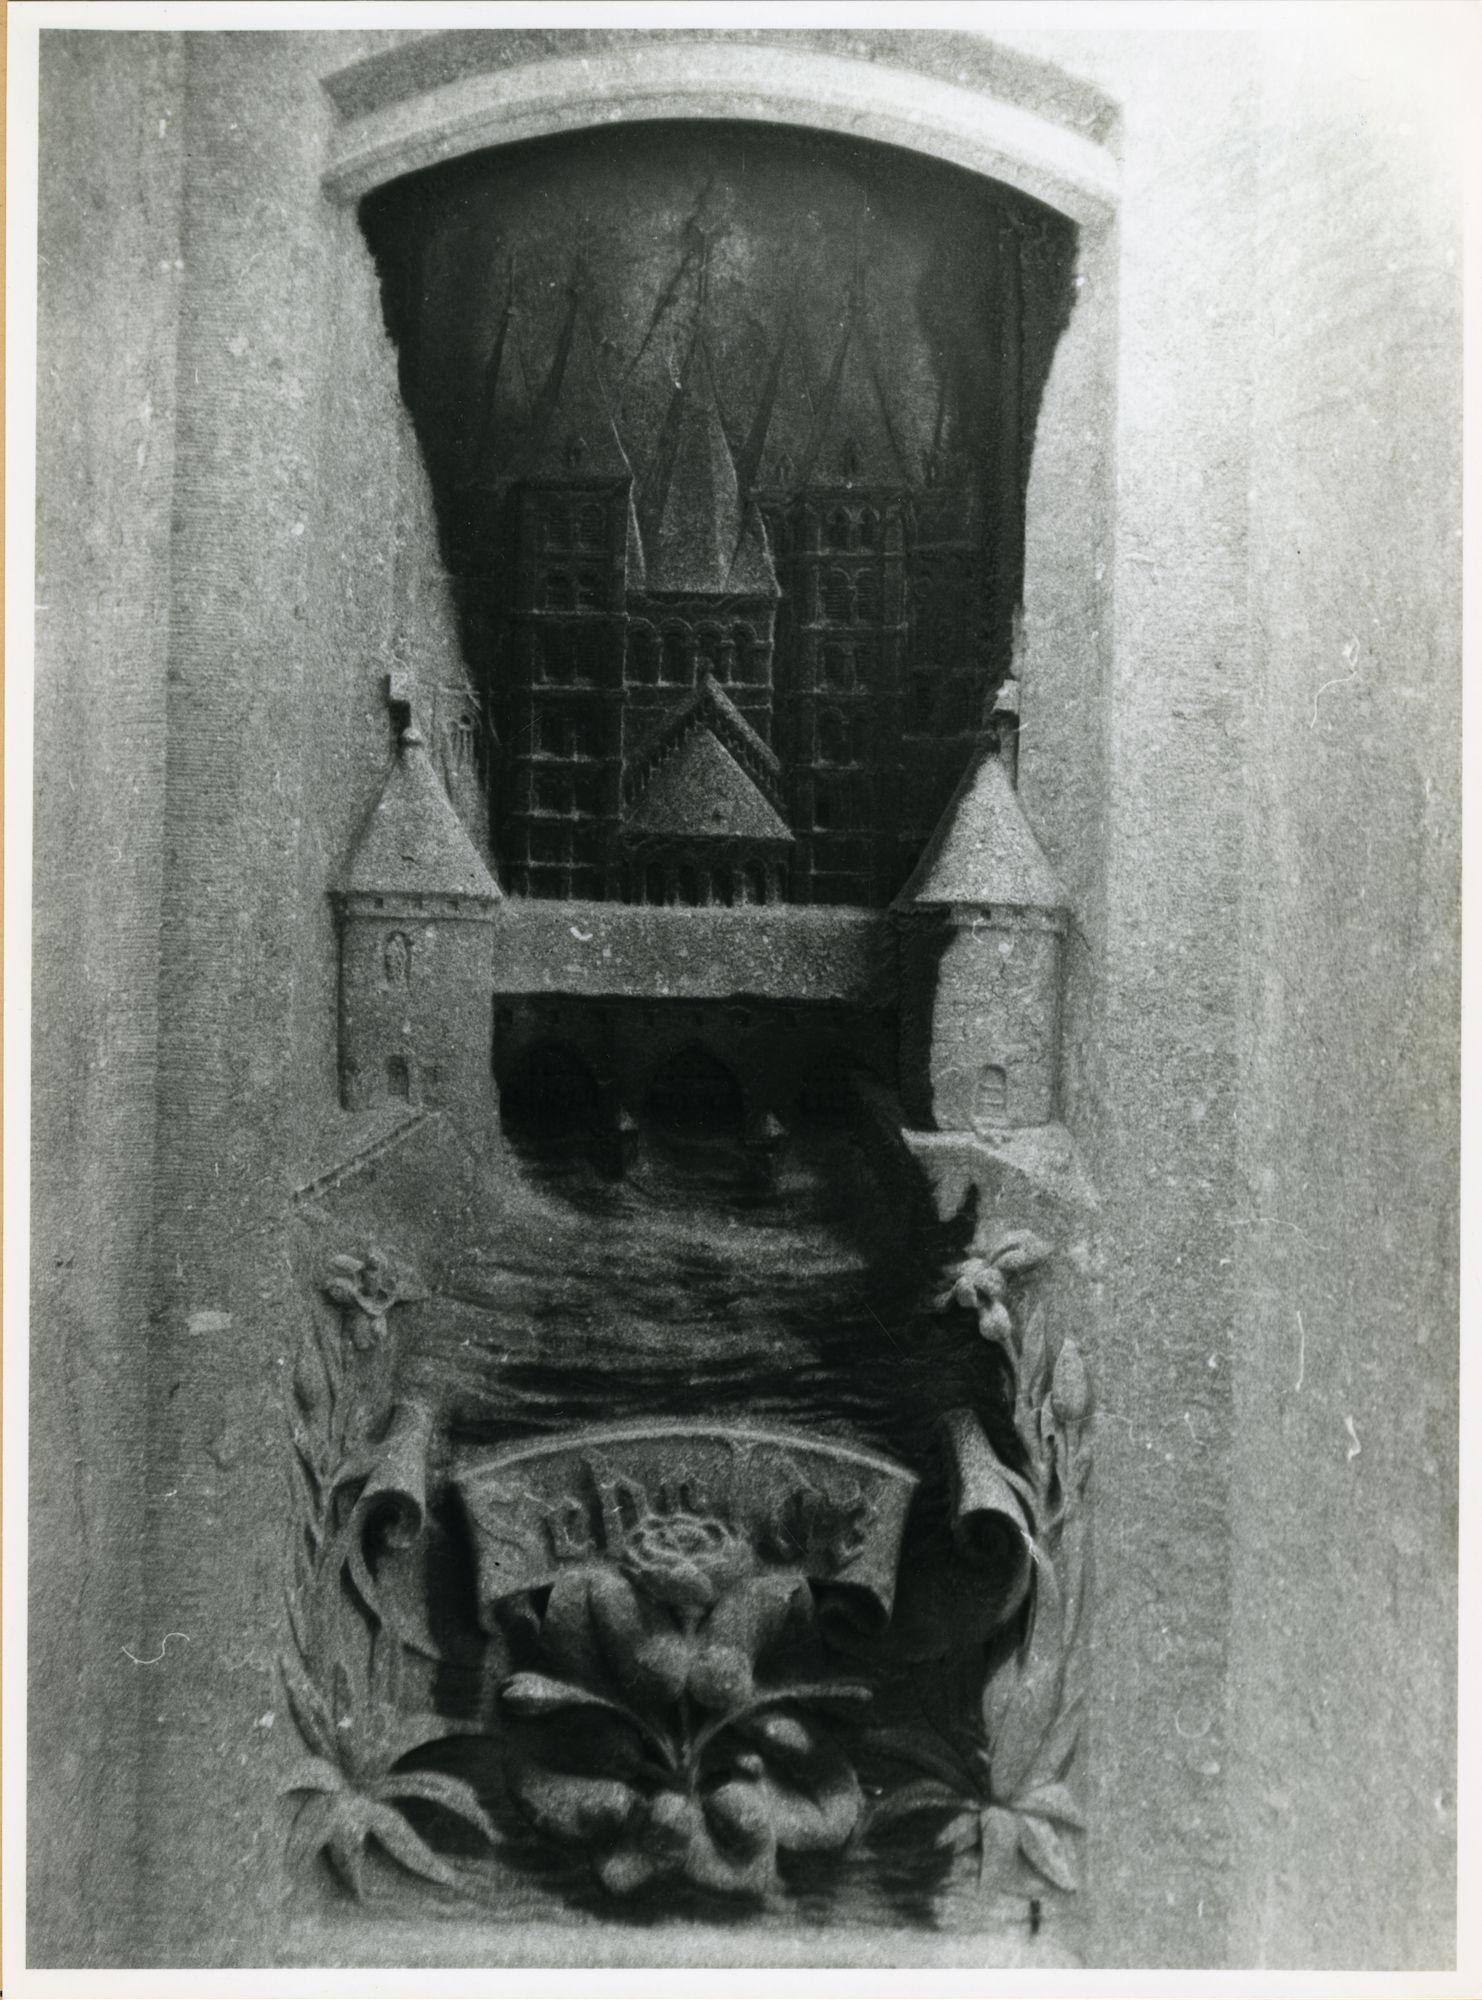 Gent: Sint Michielsbrug: Beeldhouwwerk, 1979